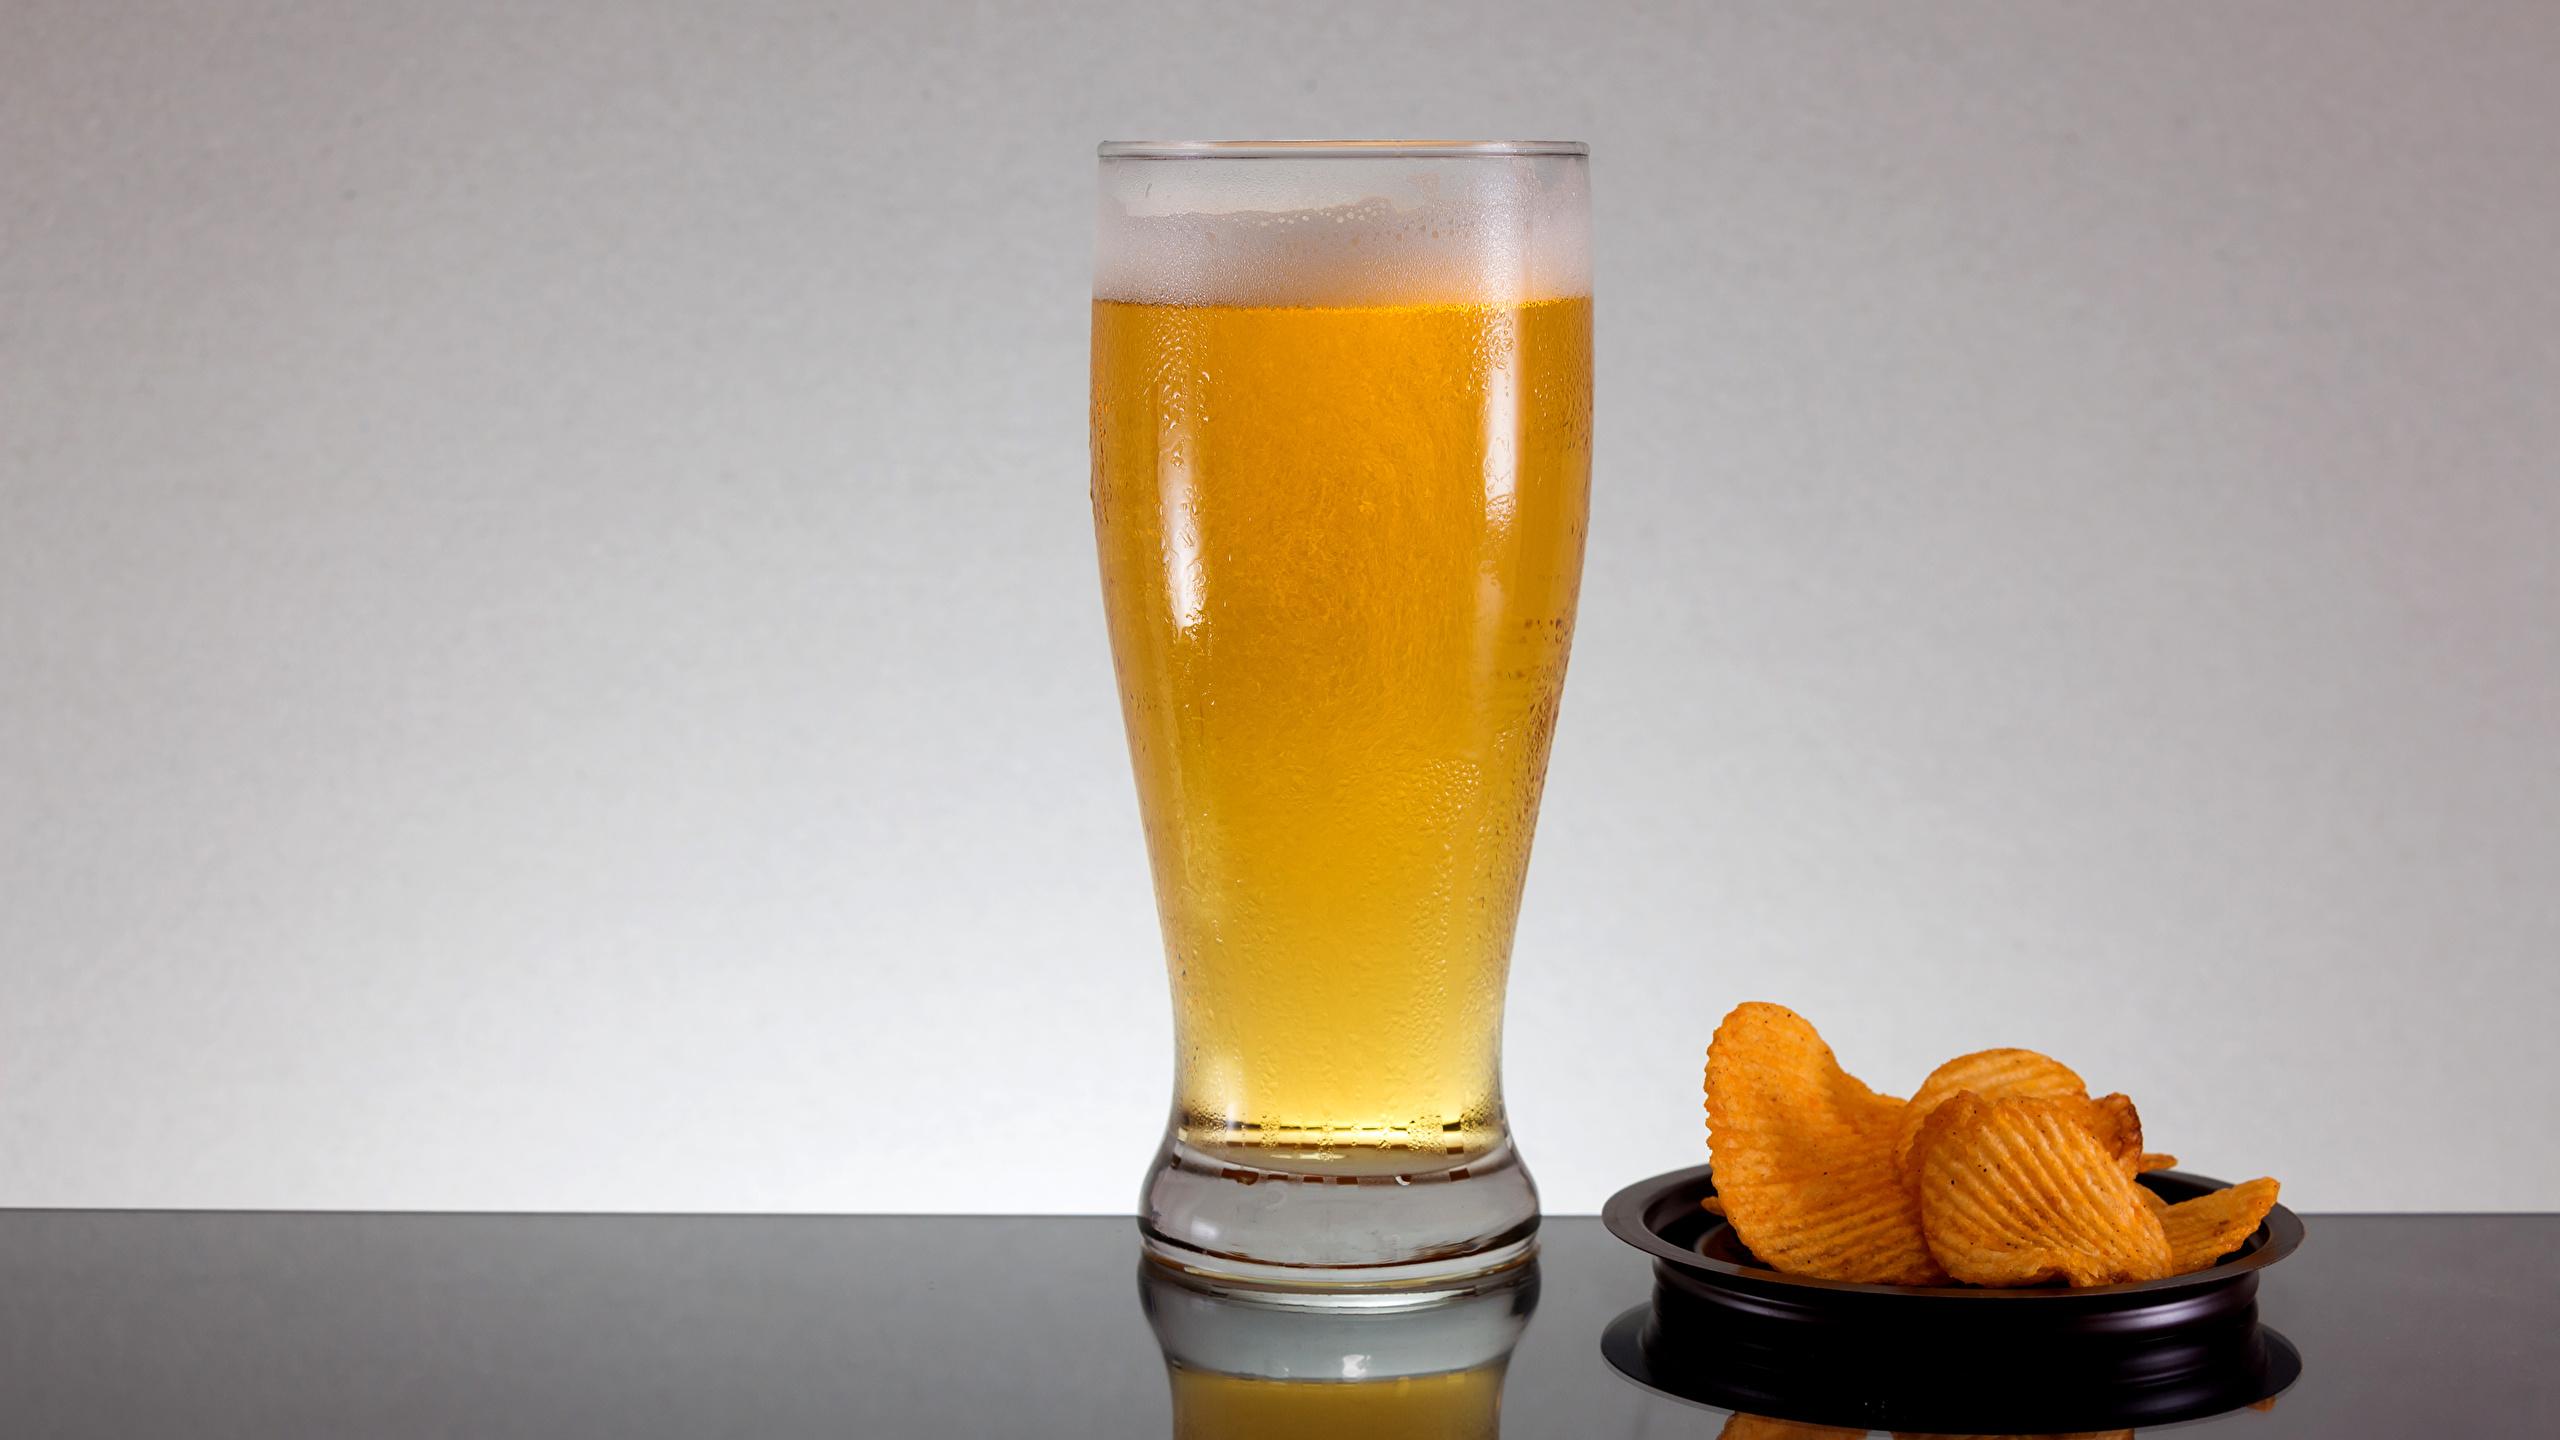 Фотография Пиво Чипсы стакане Еда Пена 2560x1440 Стакан стакана пене Пища пеной Продукты питания